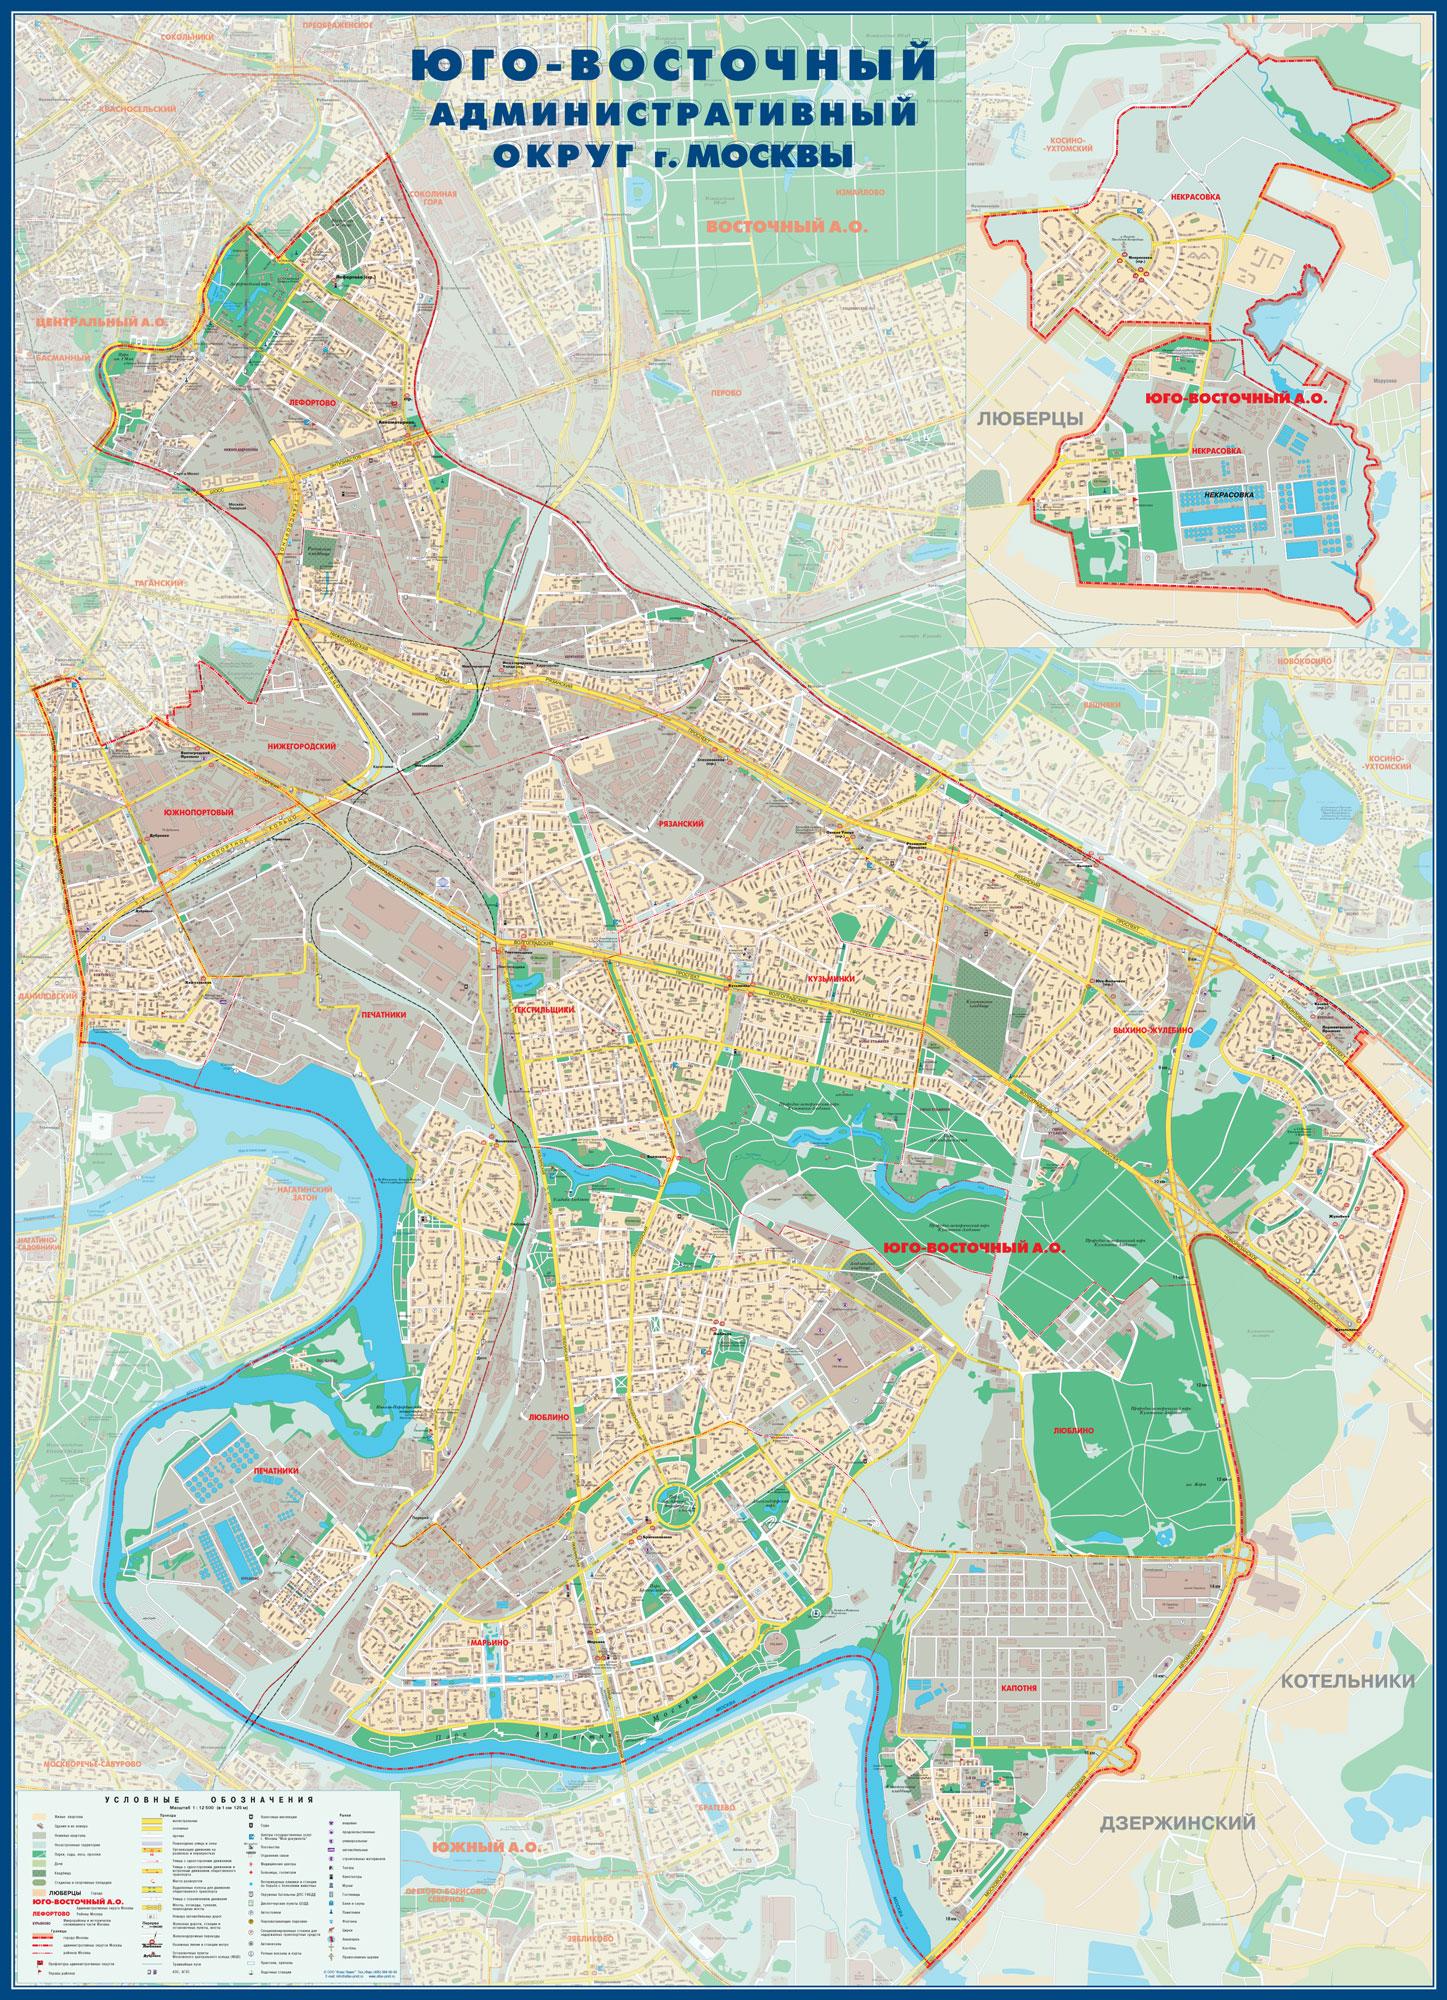 Настенная карта Юго-Восточного административного округа Москвы. ЮВАО размер 1,09х1,50 м. выполняется на заказ